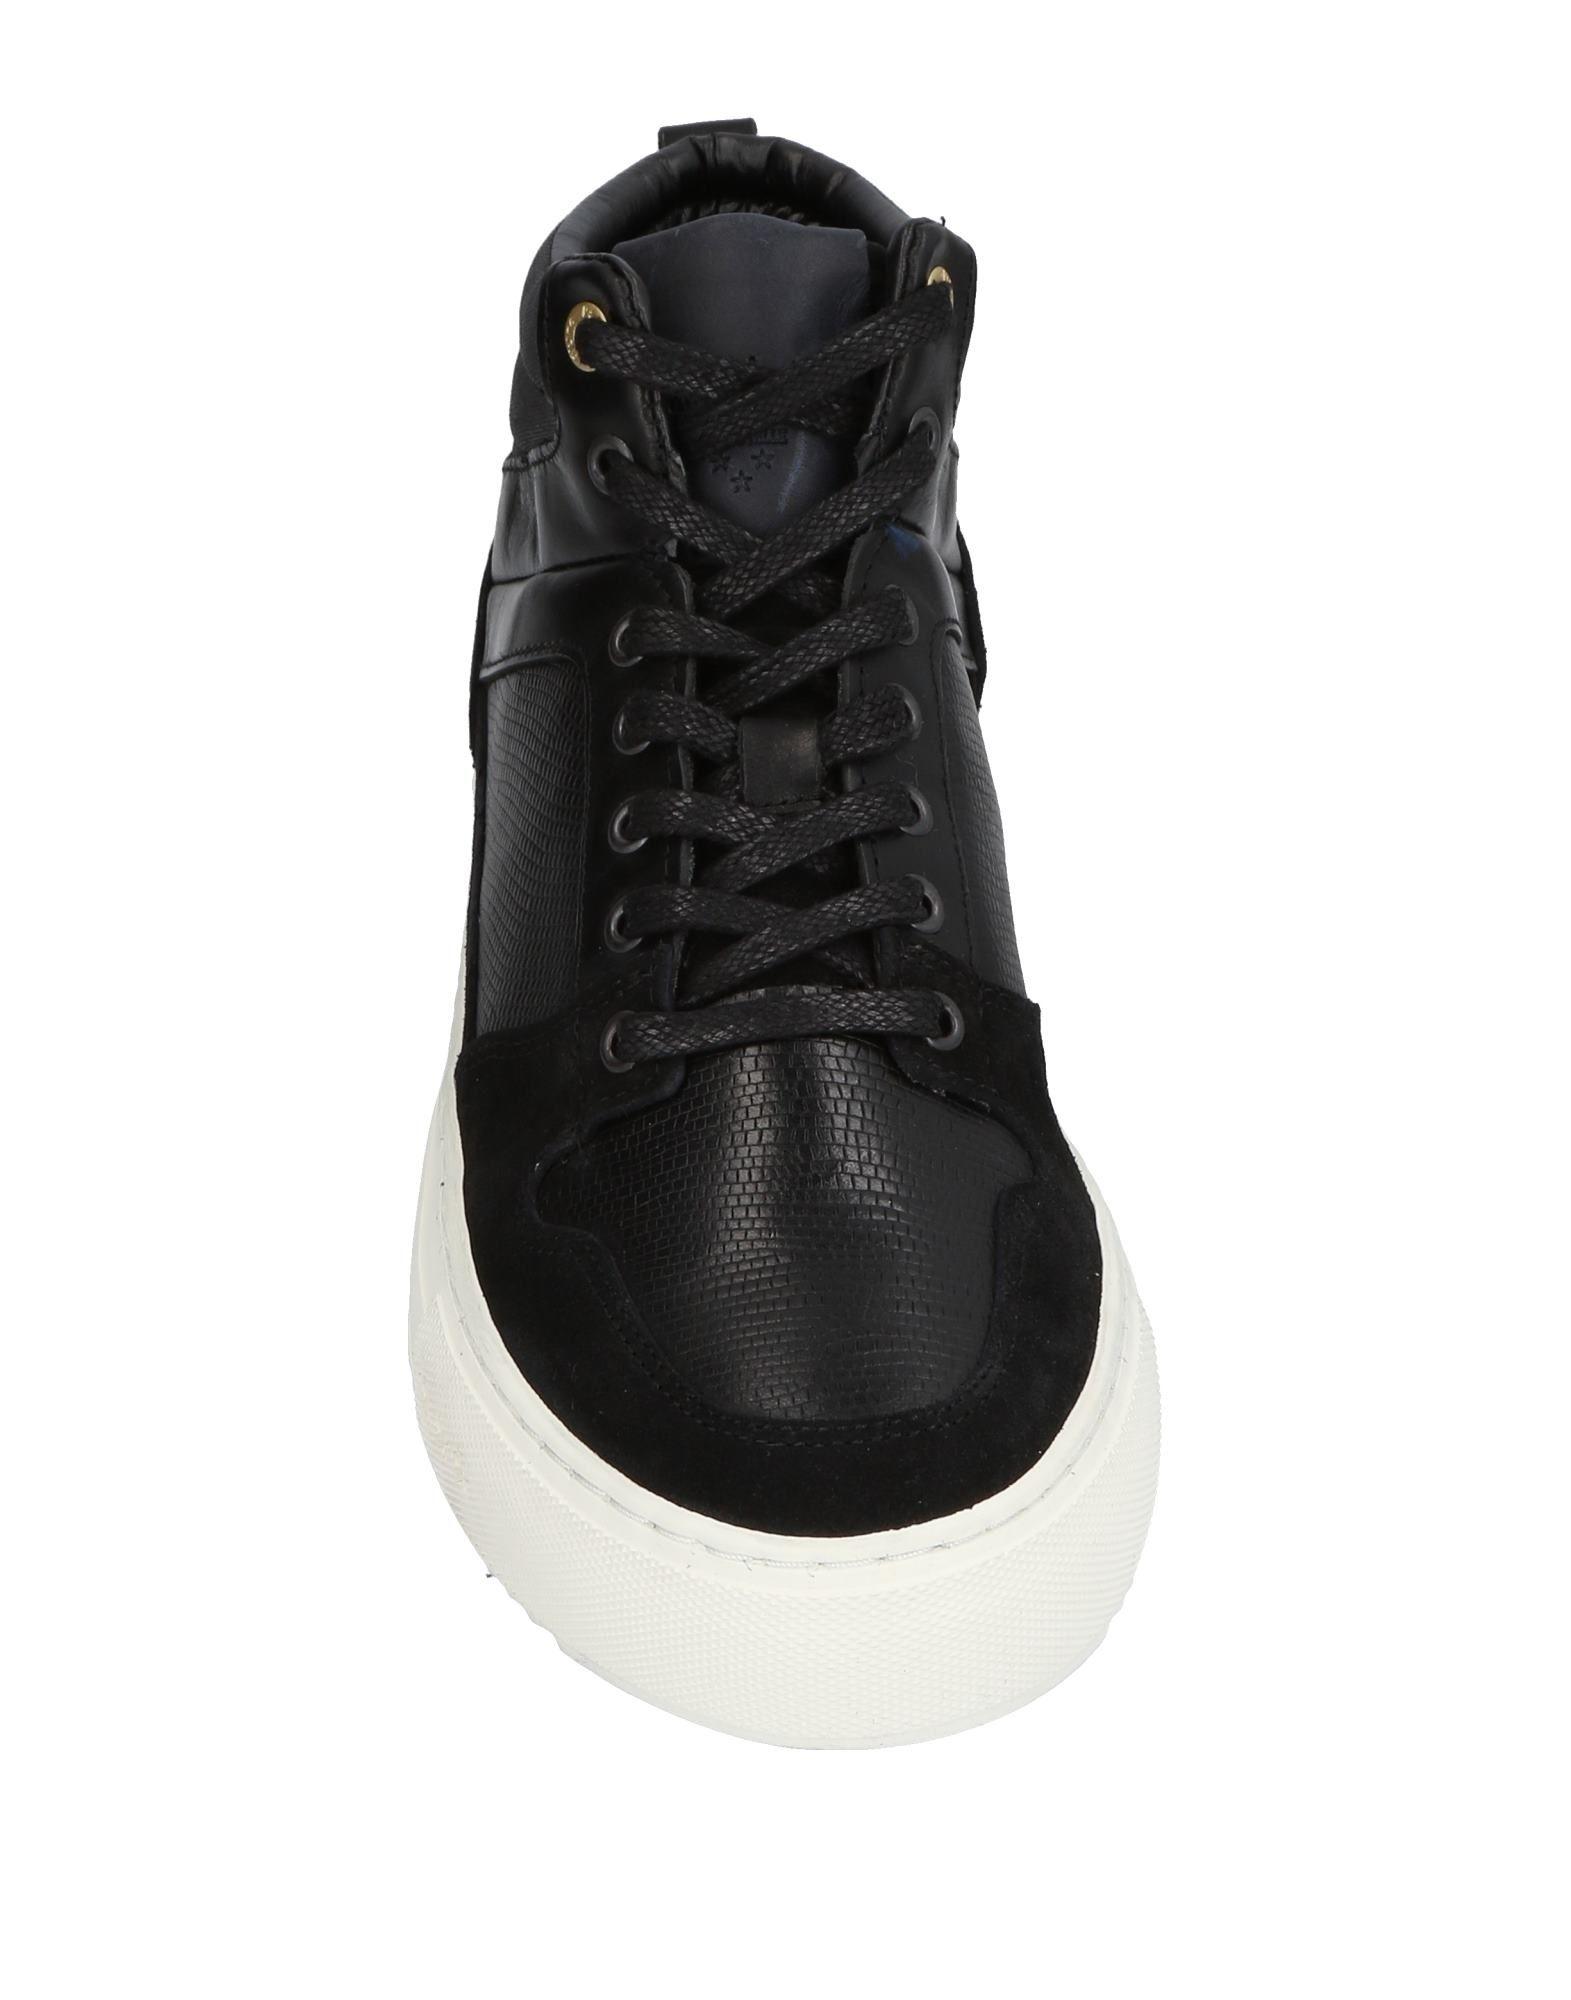 Rabatt echte Schuhe Pantofola D'oro D'oro Pantofola Sneakers Herren  11456844AI 409d86